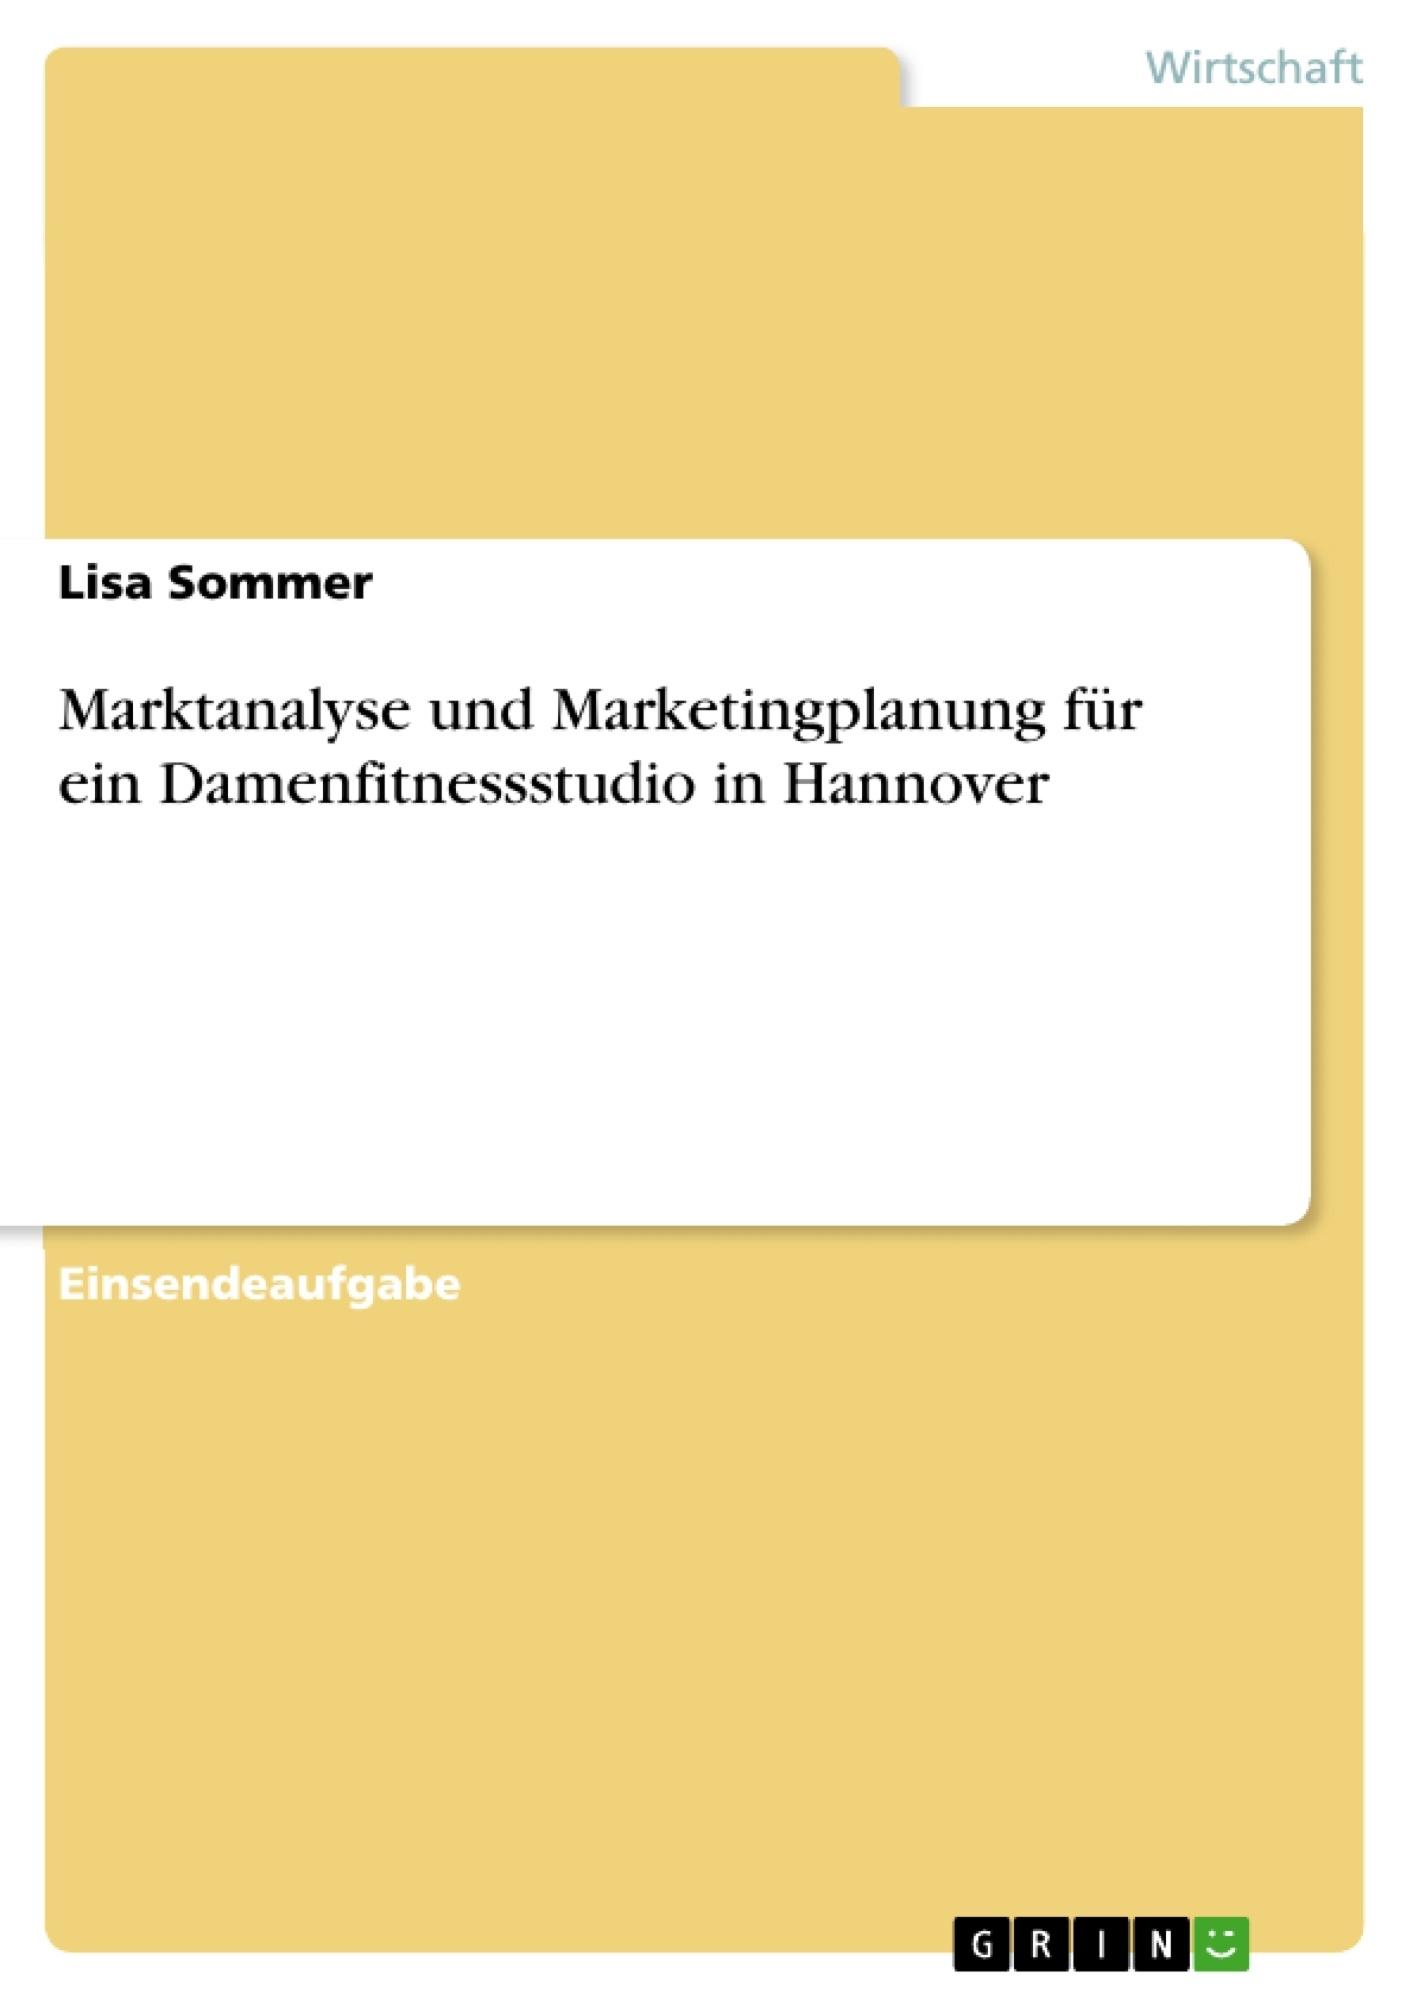 Titel: Marktanalyse und Marketingplanung für ein Damenfitnessstudio in Hannover